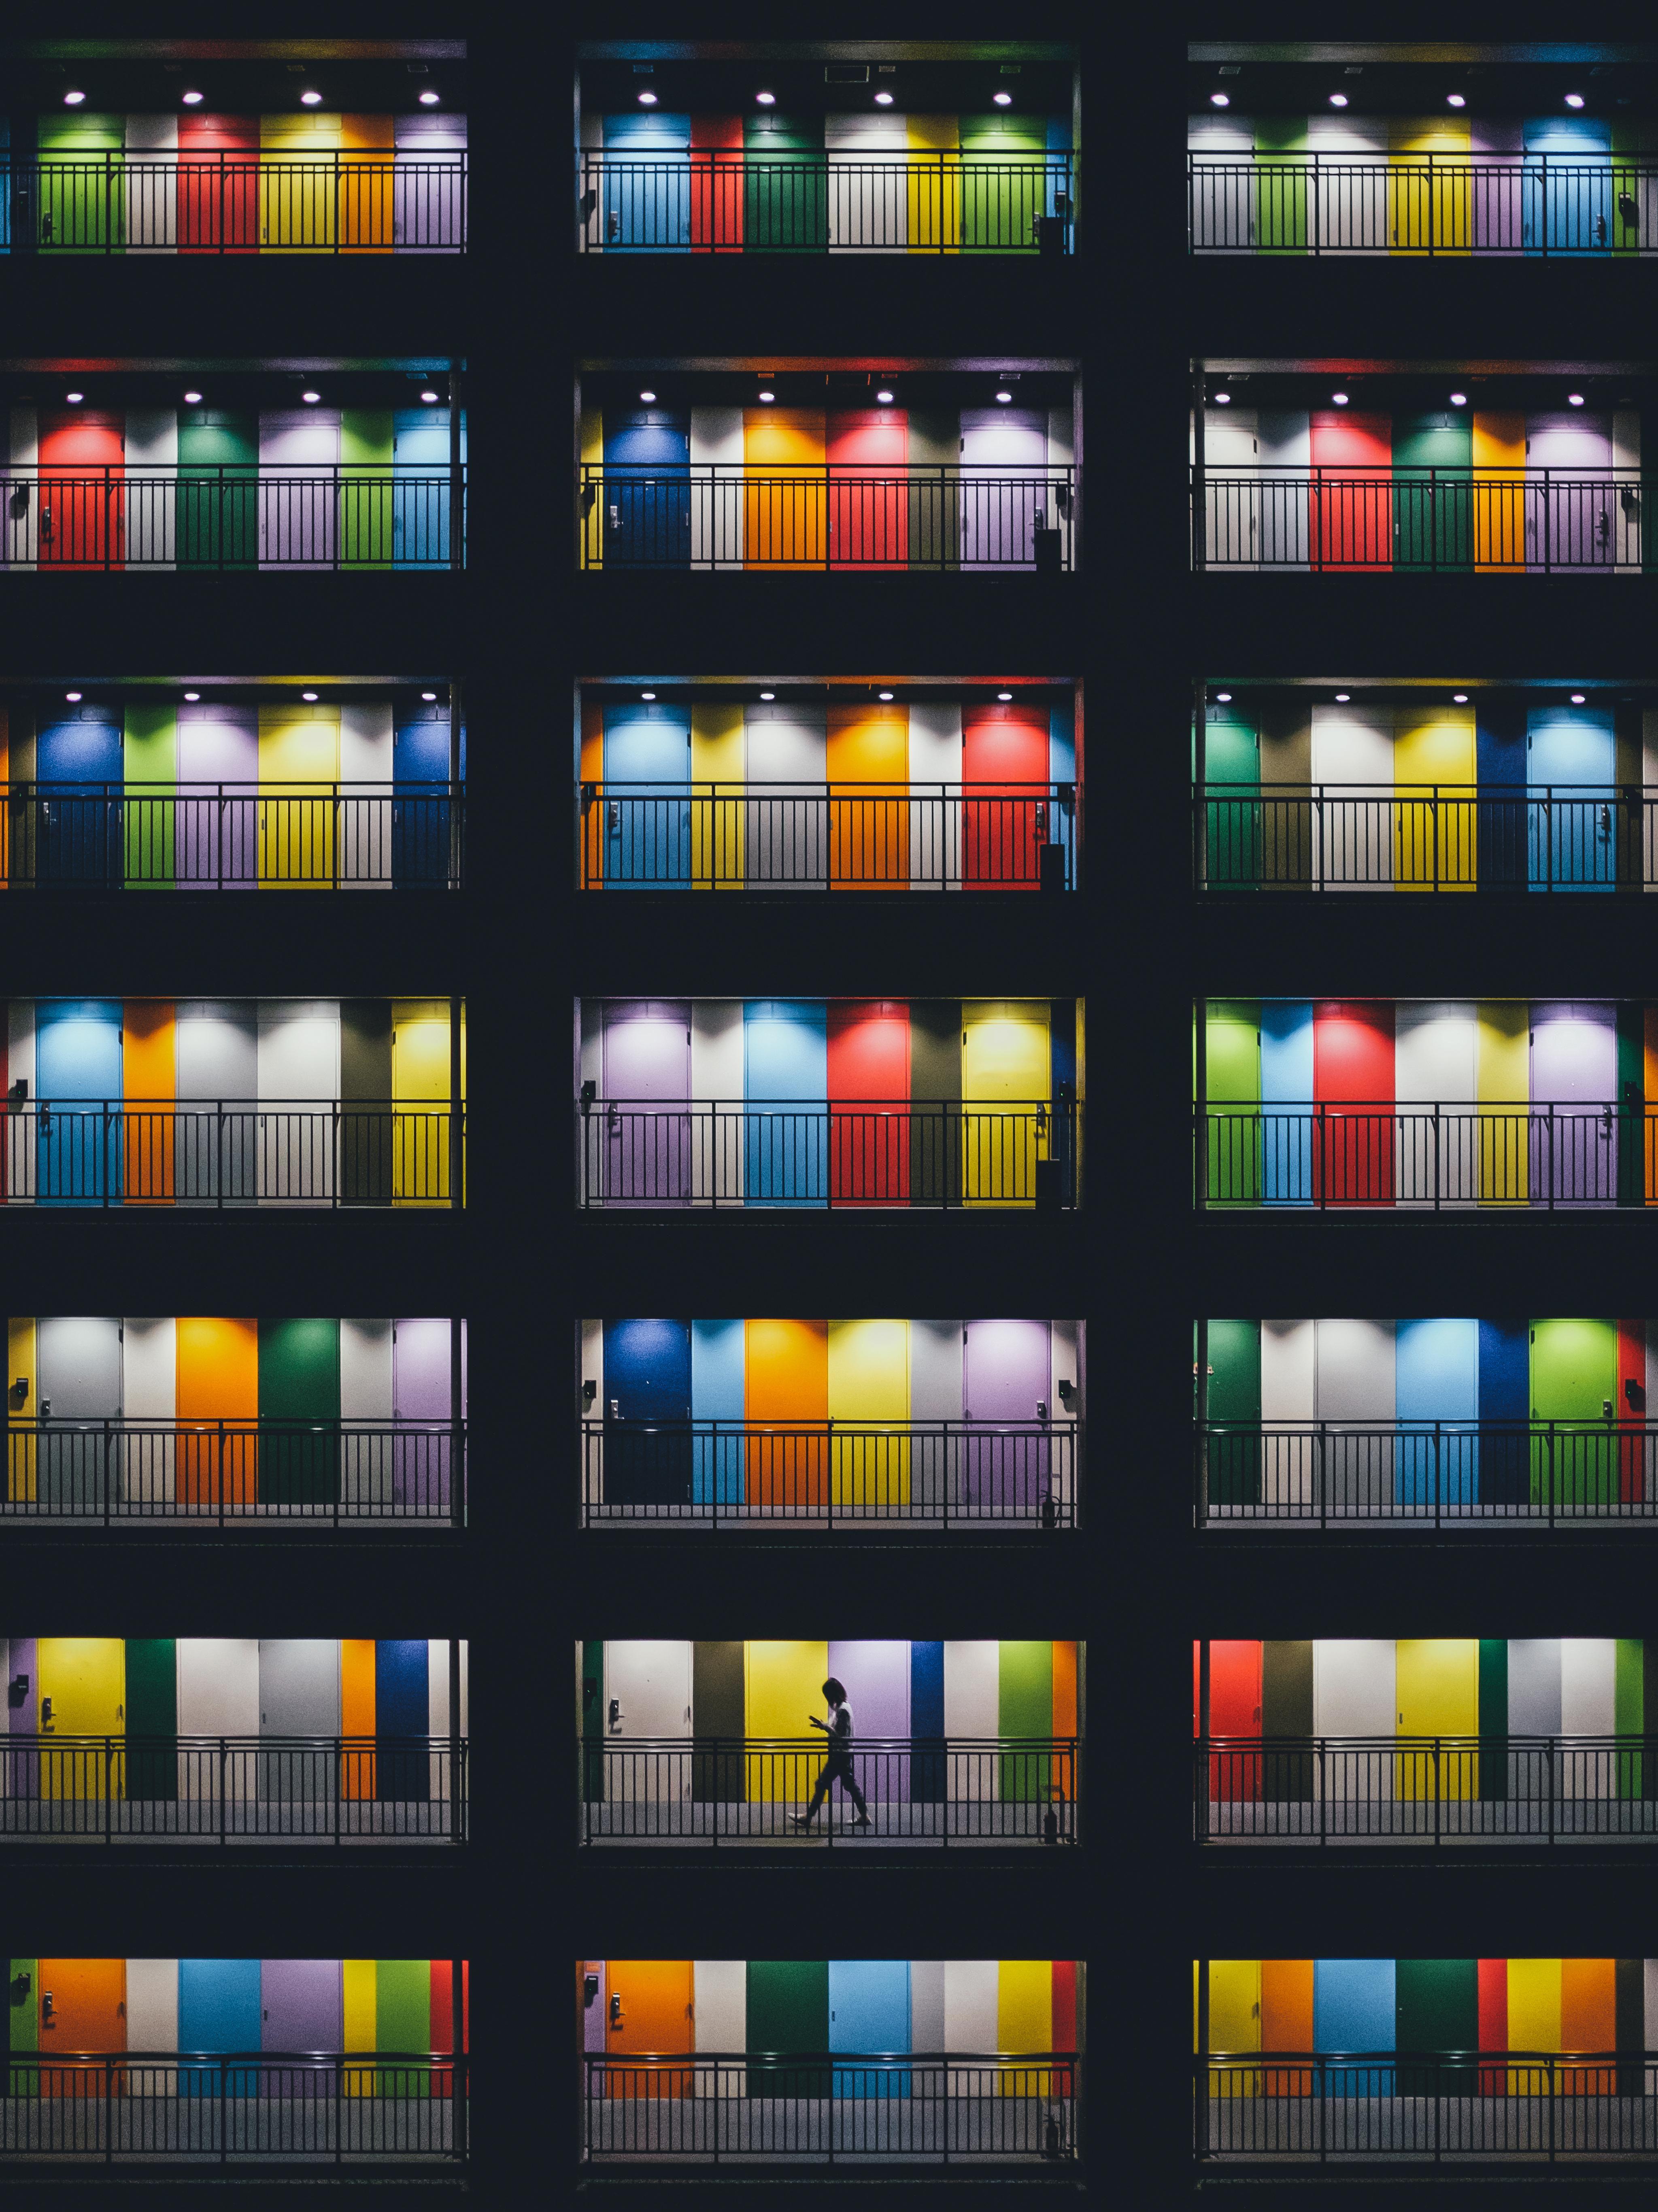 Background Ipad Pro Wallpaper Instagram Wallpaper